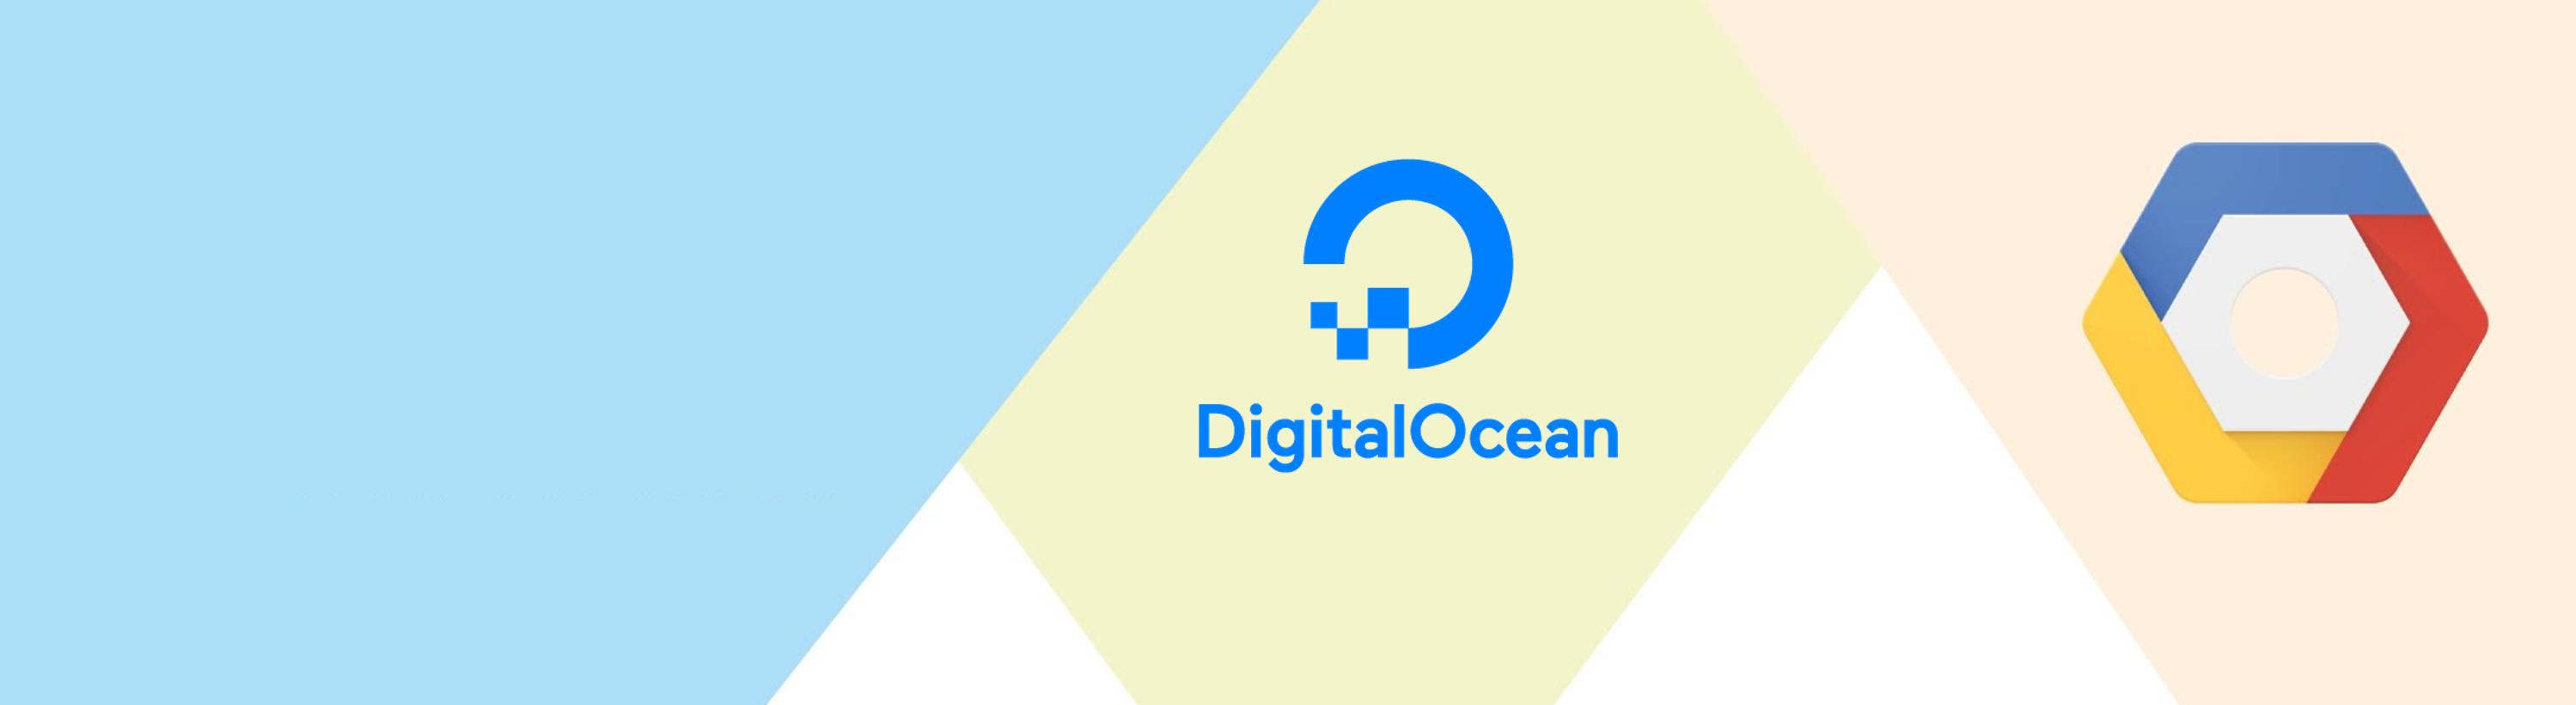 DigitalOcean vs GCP